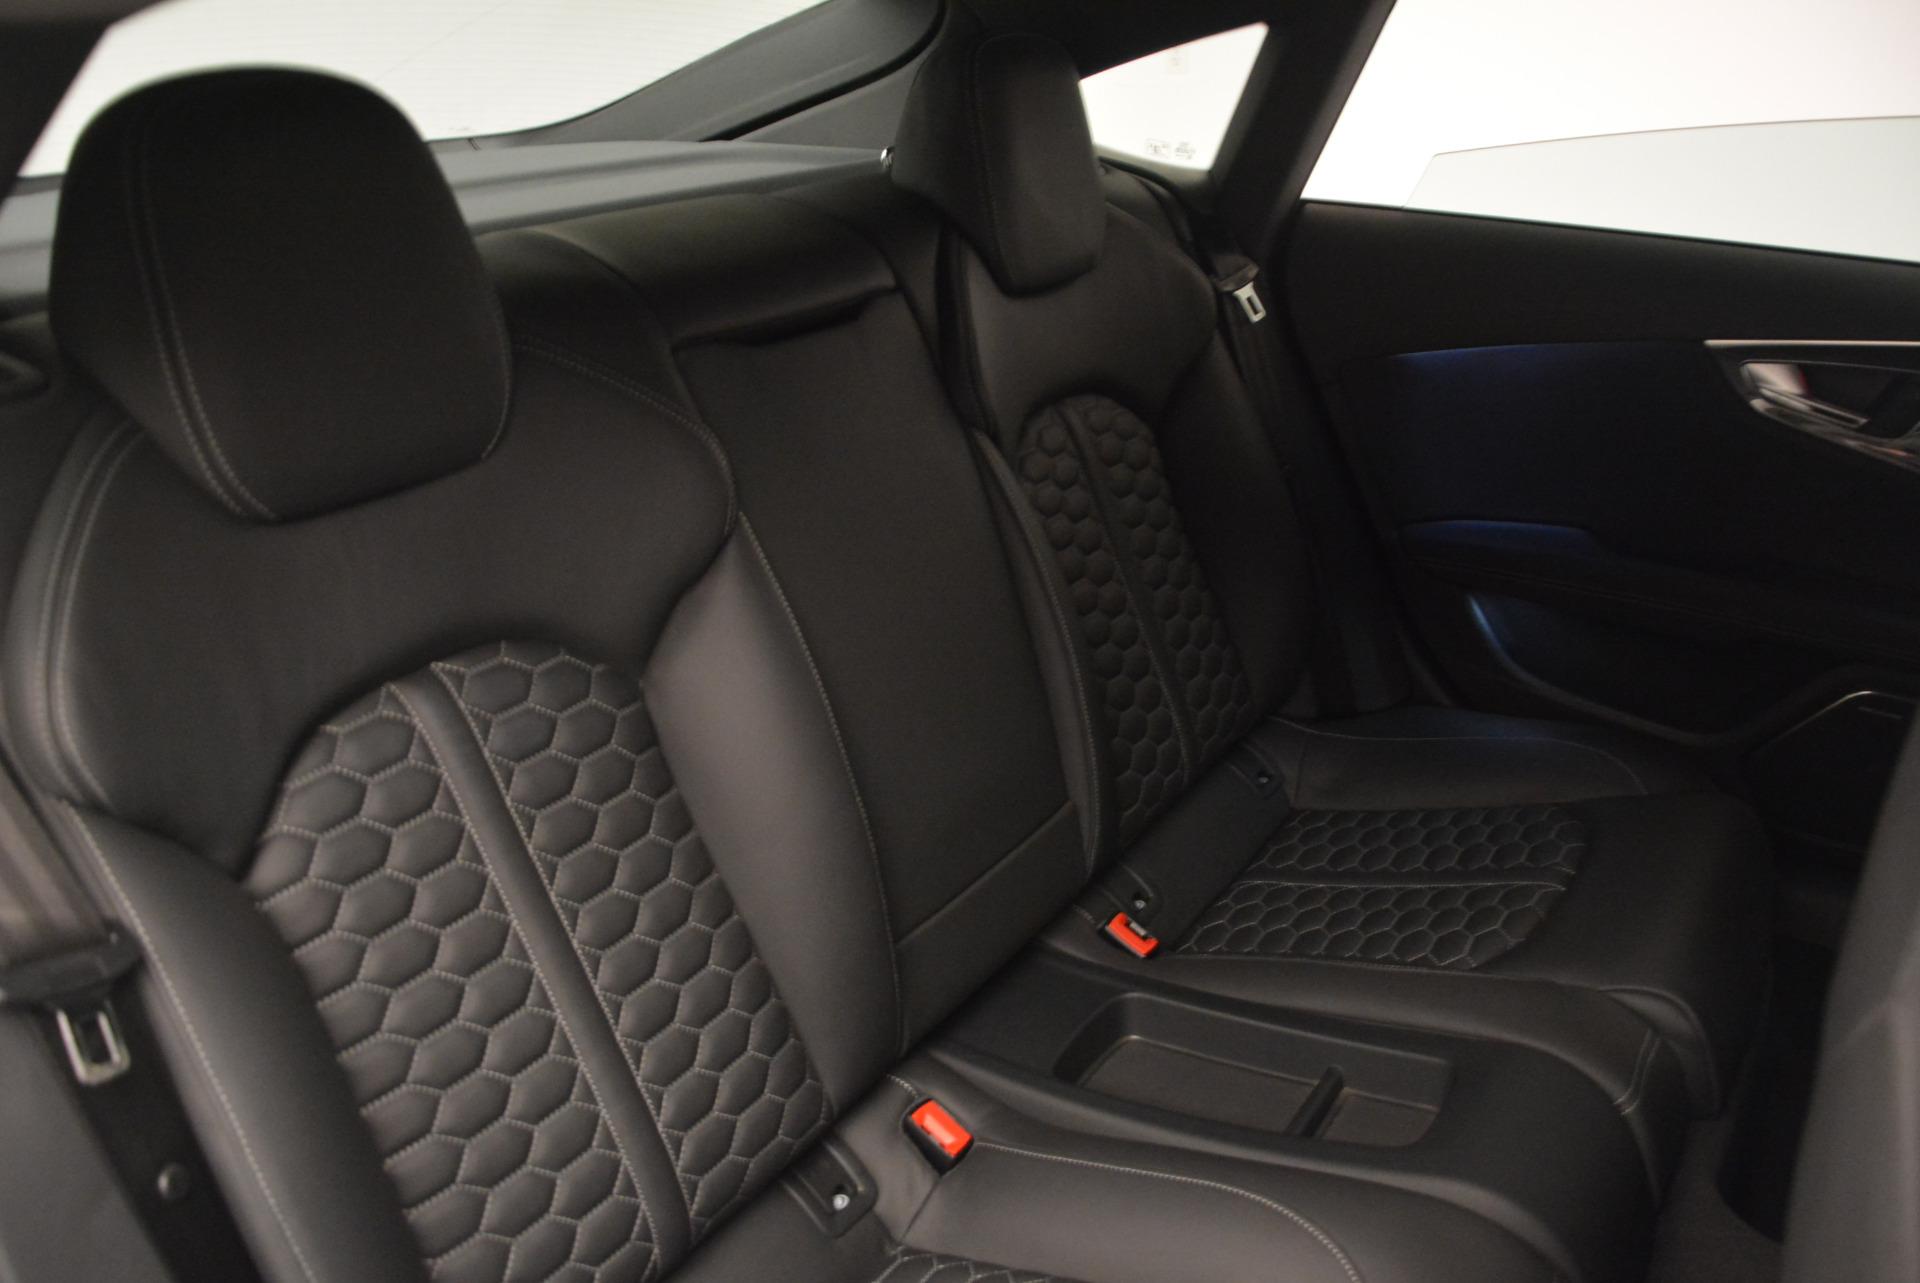 Used 2014 Audi RS 7 4.0T quattro Prestige For Sale In Greenwich, CT 707_p26